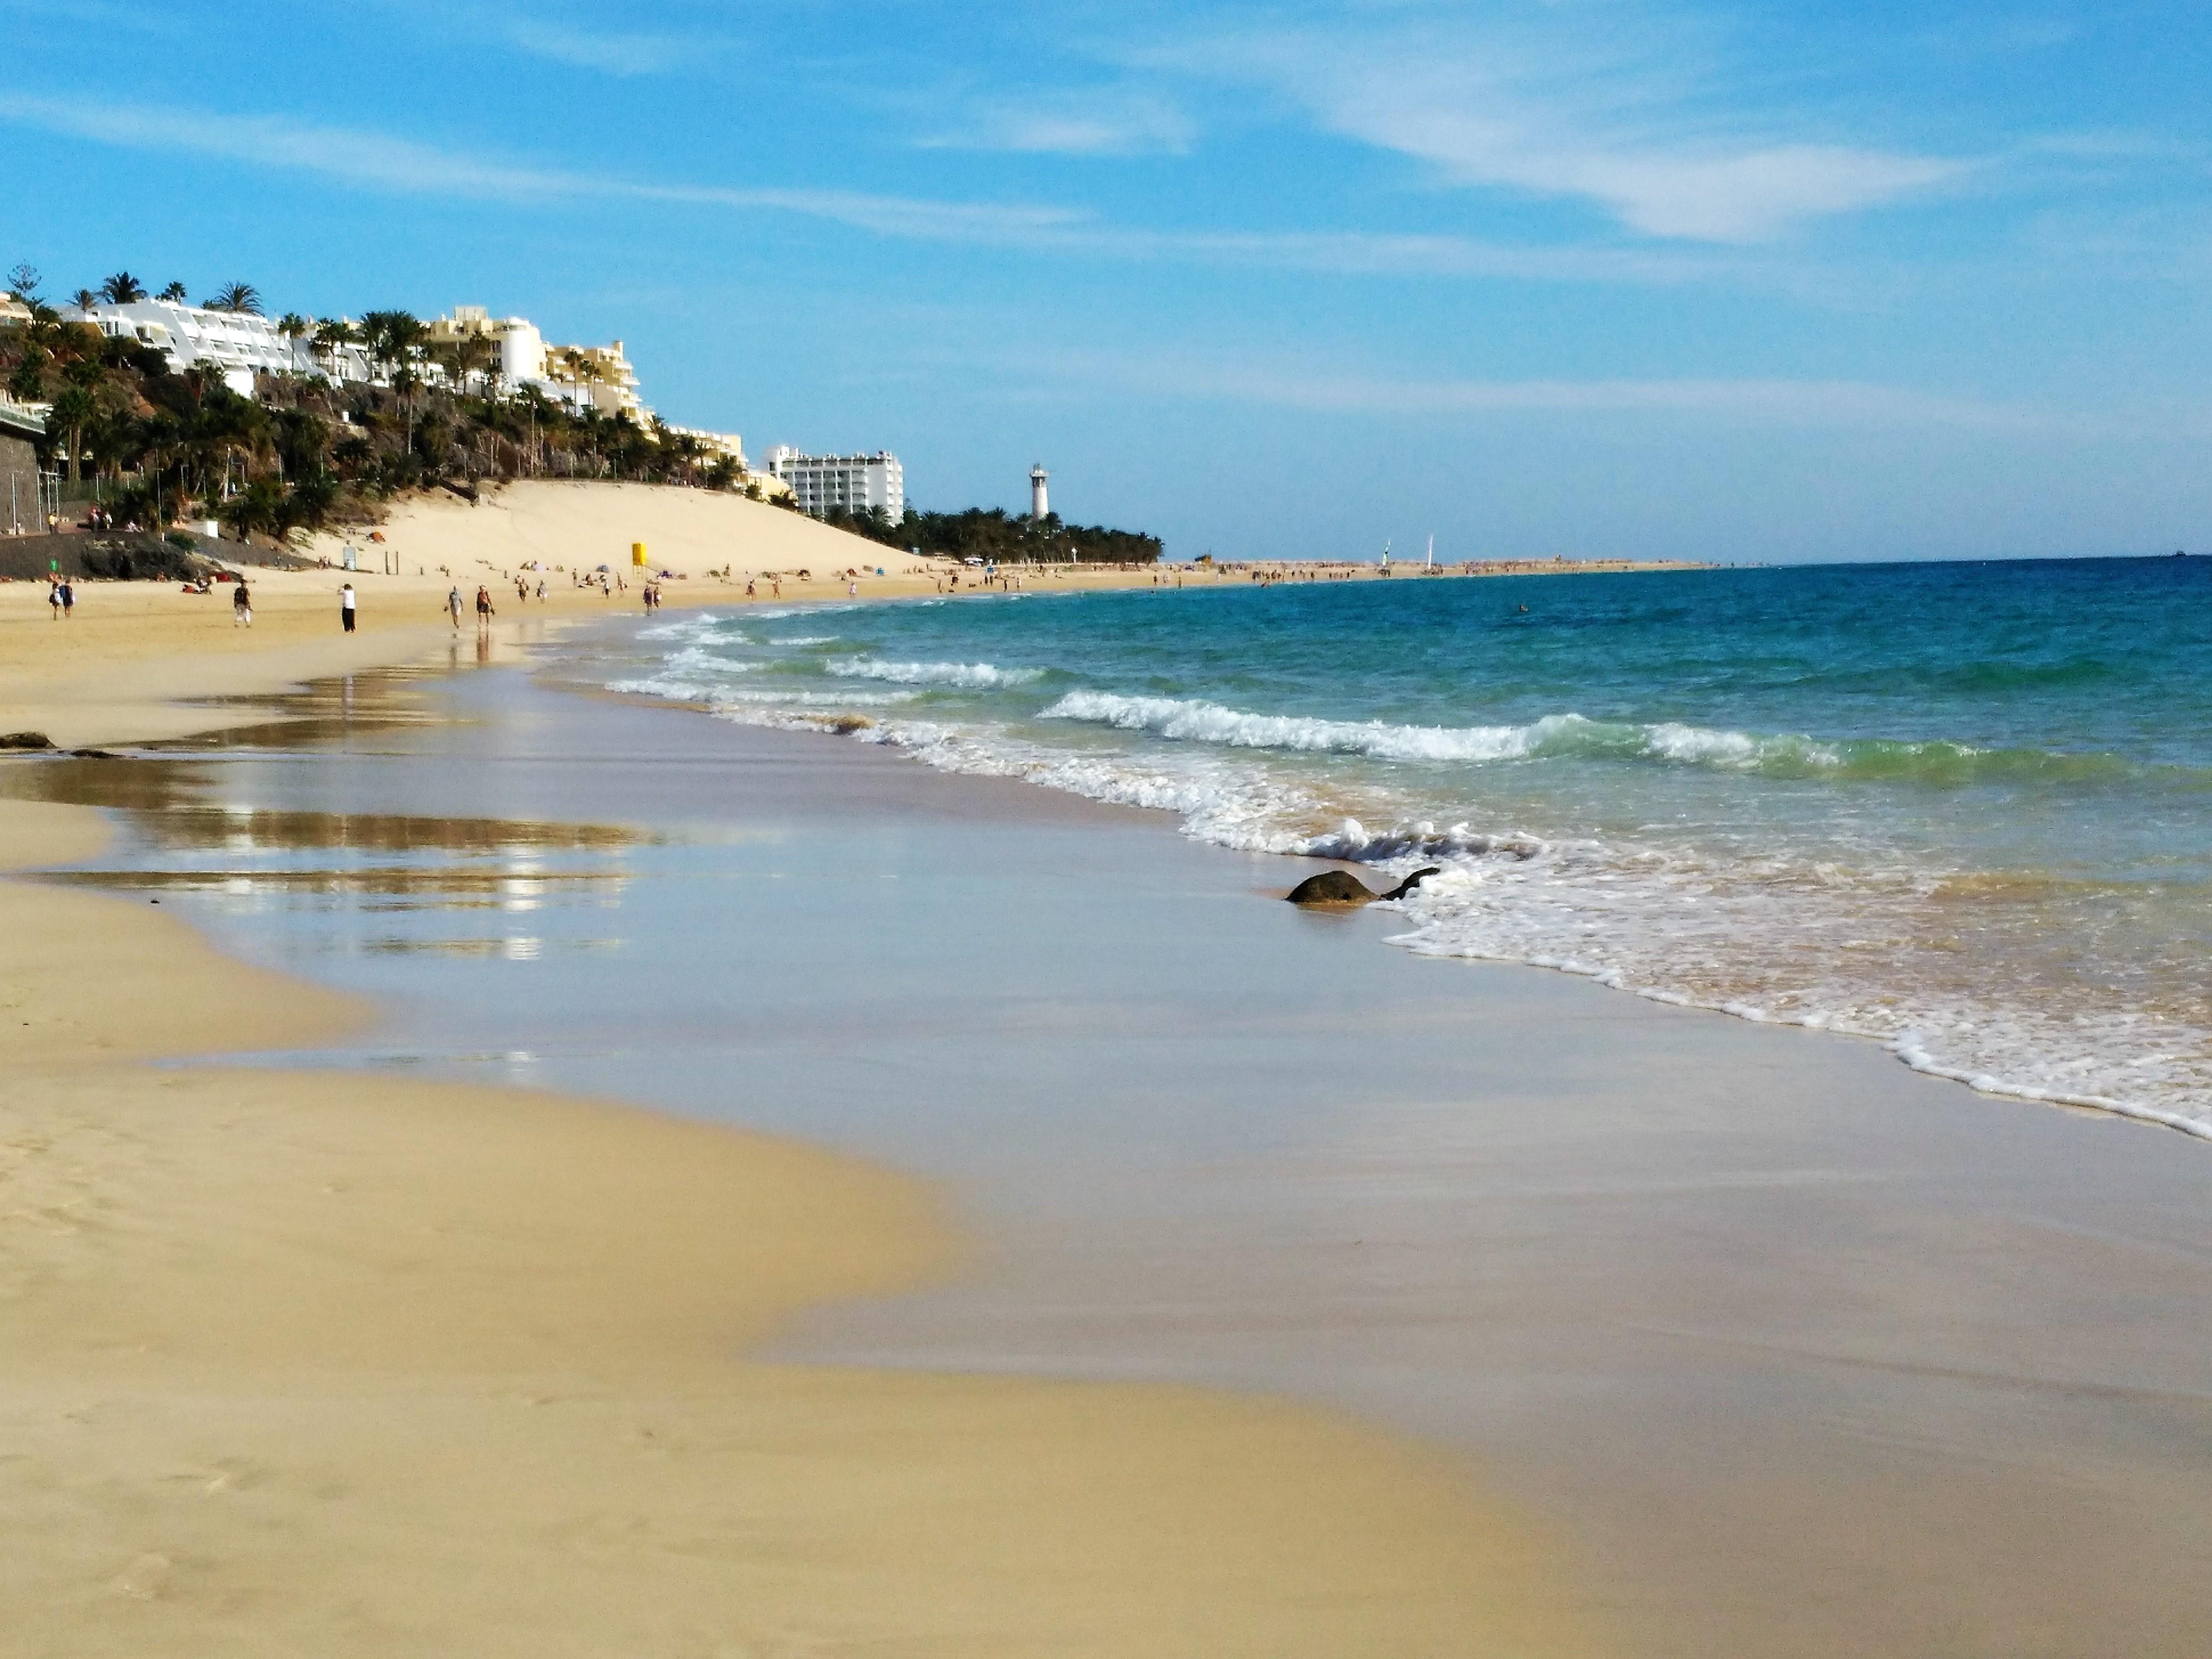 Ferienwohnung Apartment in Strandnhe mit groer Terrasse, Wlan und Parkplatz (2628896), Costa Calma, Fuerteventura, Kanarische Inseln, Spanien, Bild 30